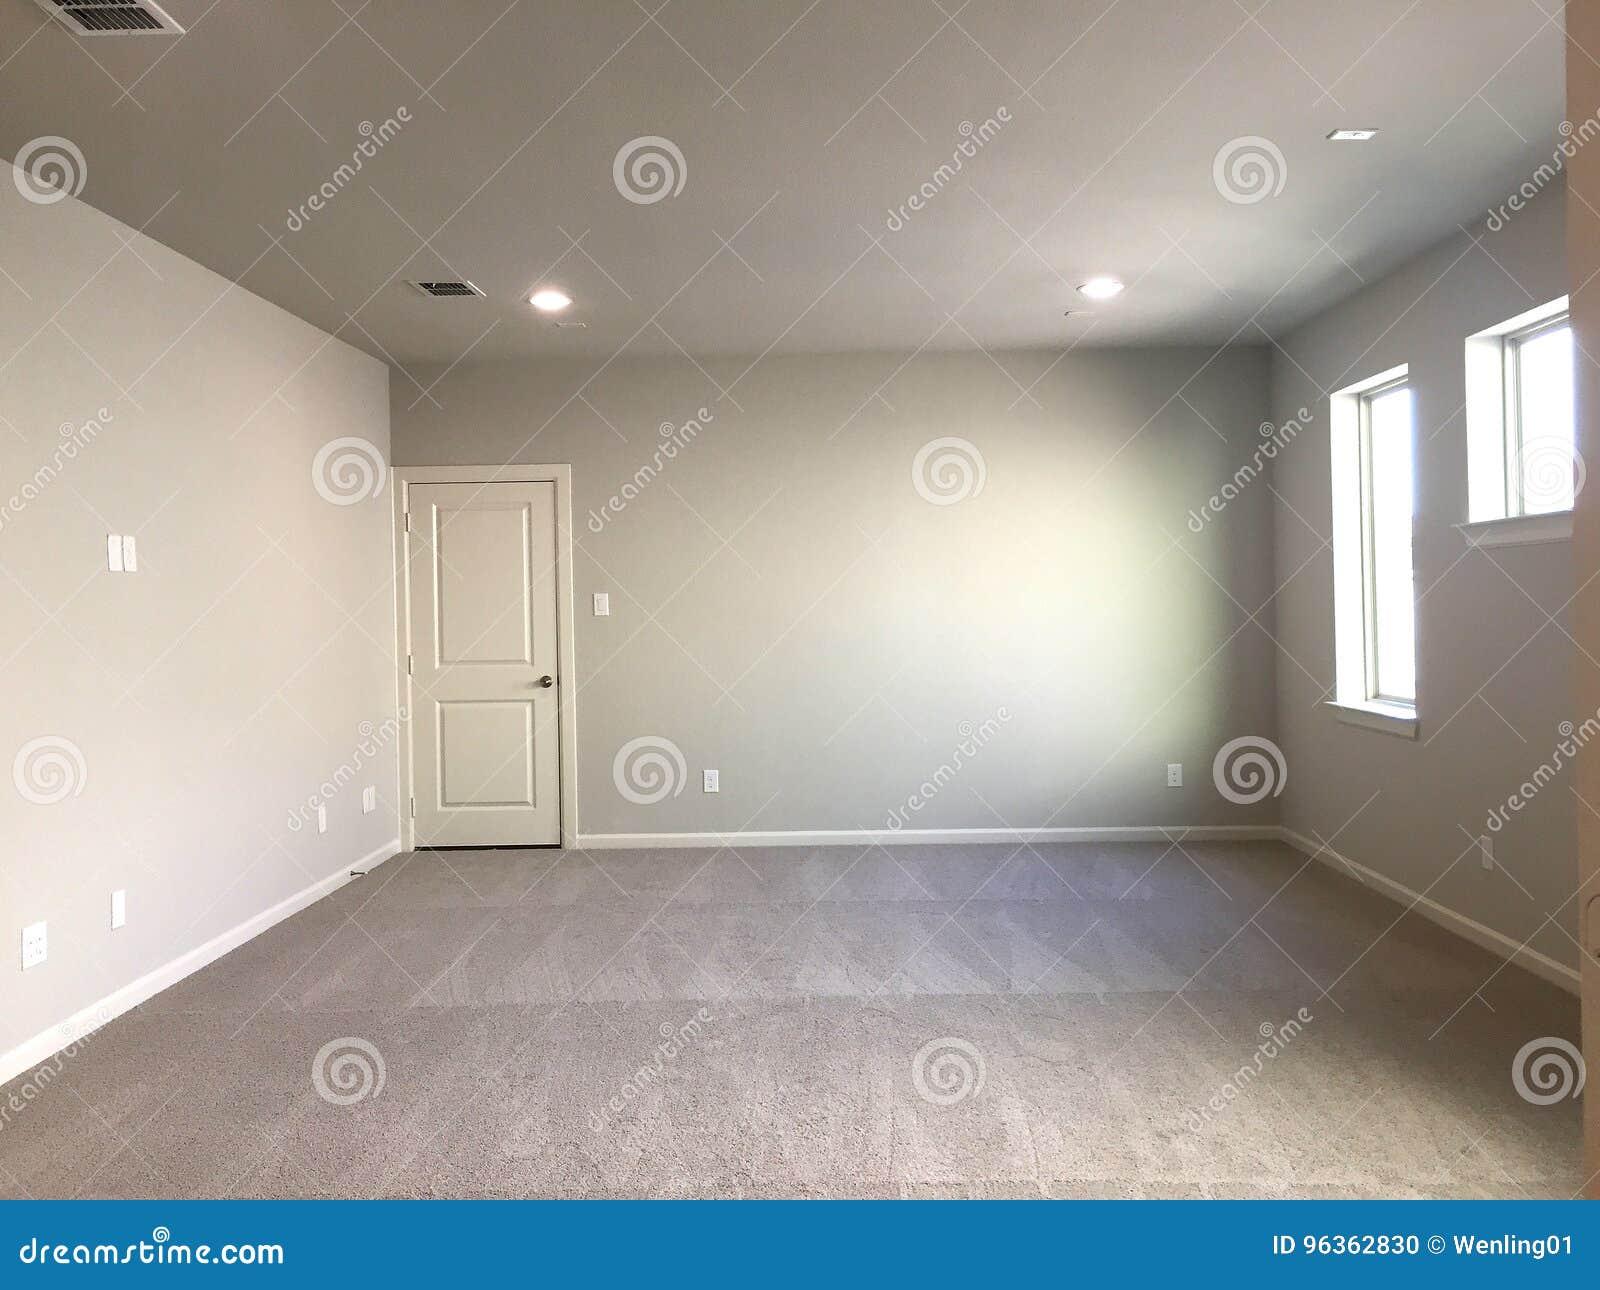 Een Nieuw Huis : Lege ruimte met tapijt in een nieuw huis stock foto afbeelding